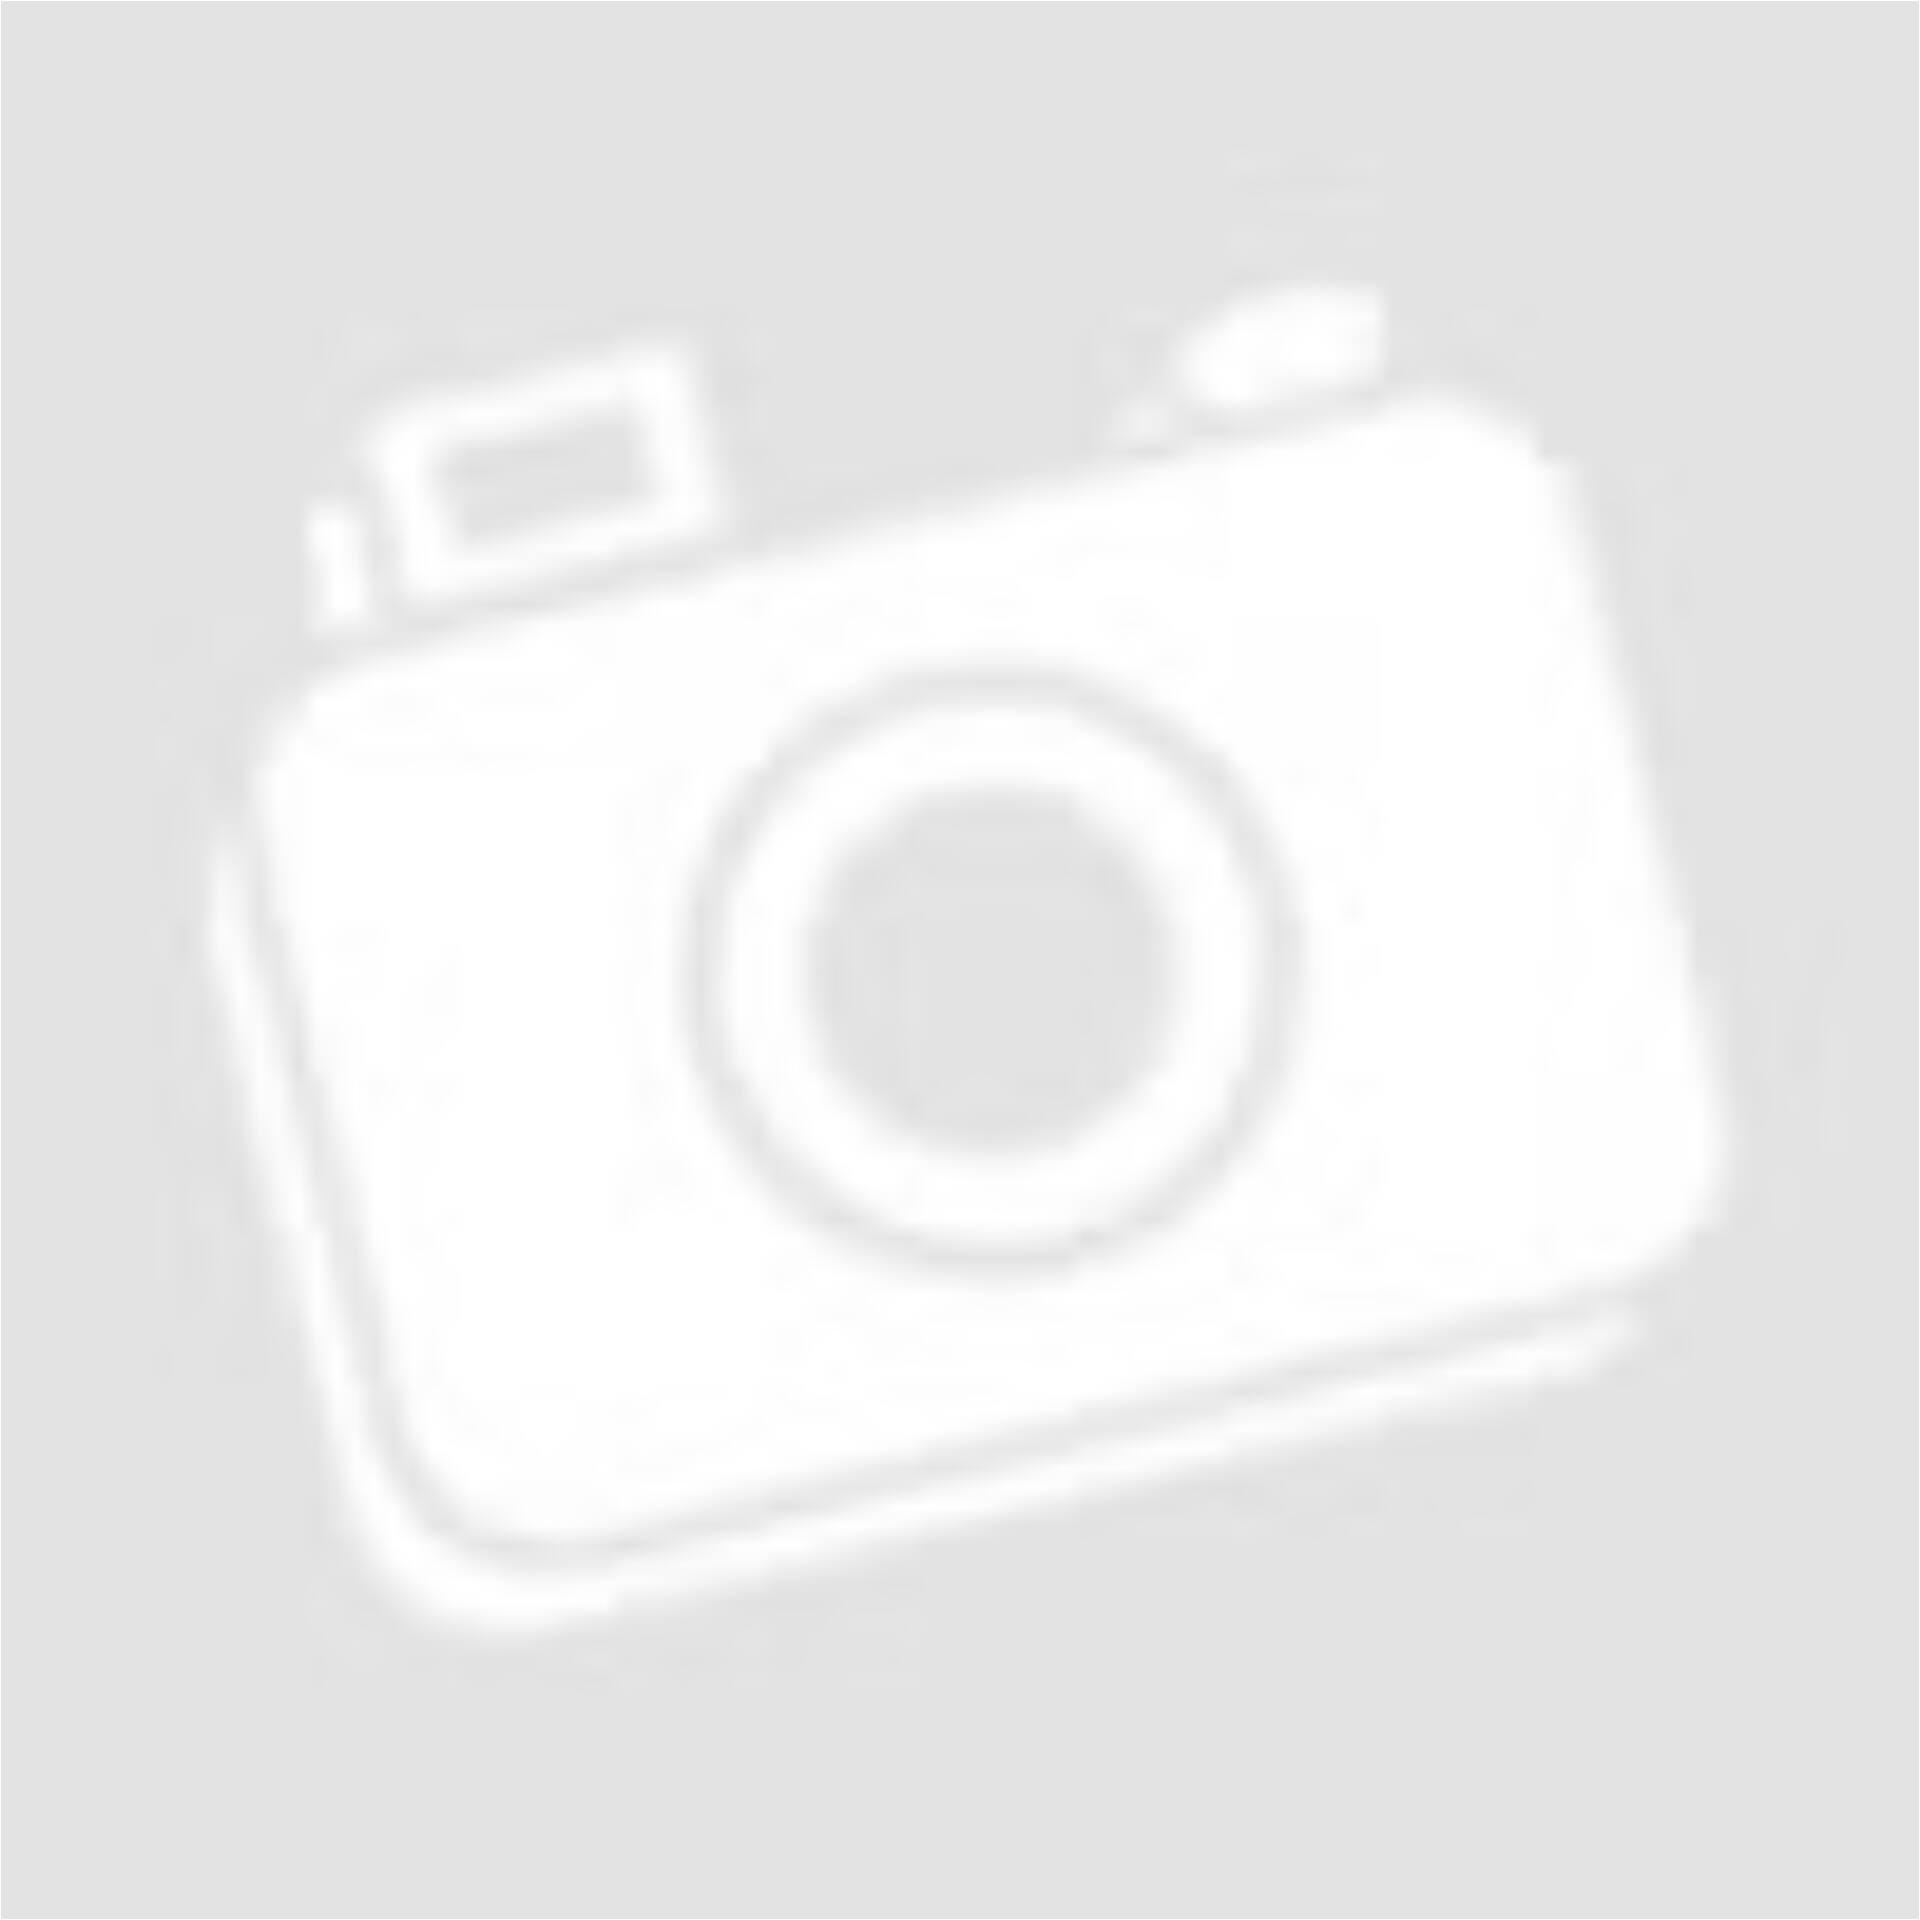 H M bézs színű bársonyos kismama nadrág (Méret  L) - Pamut ... 1ebbcb4f83